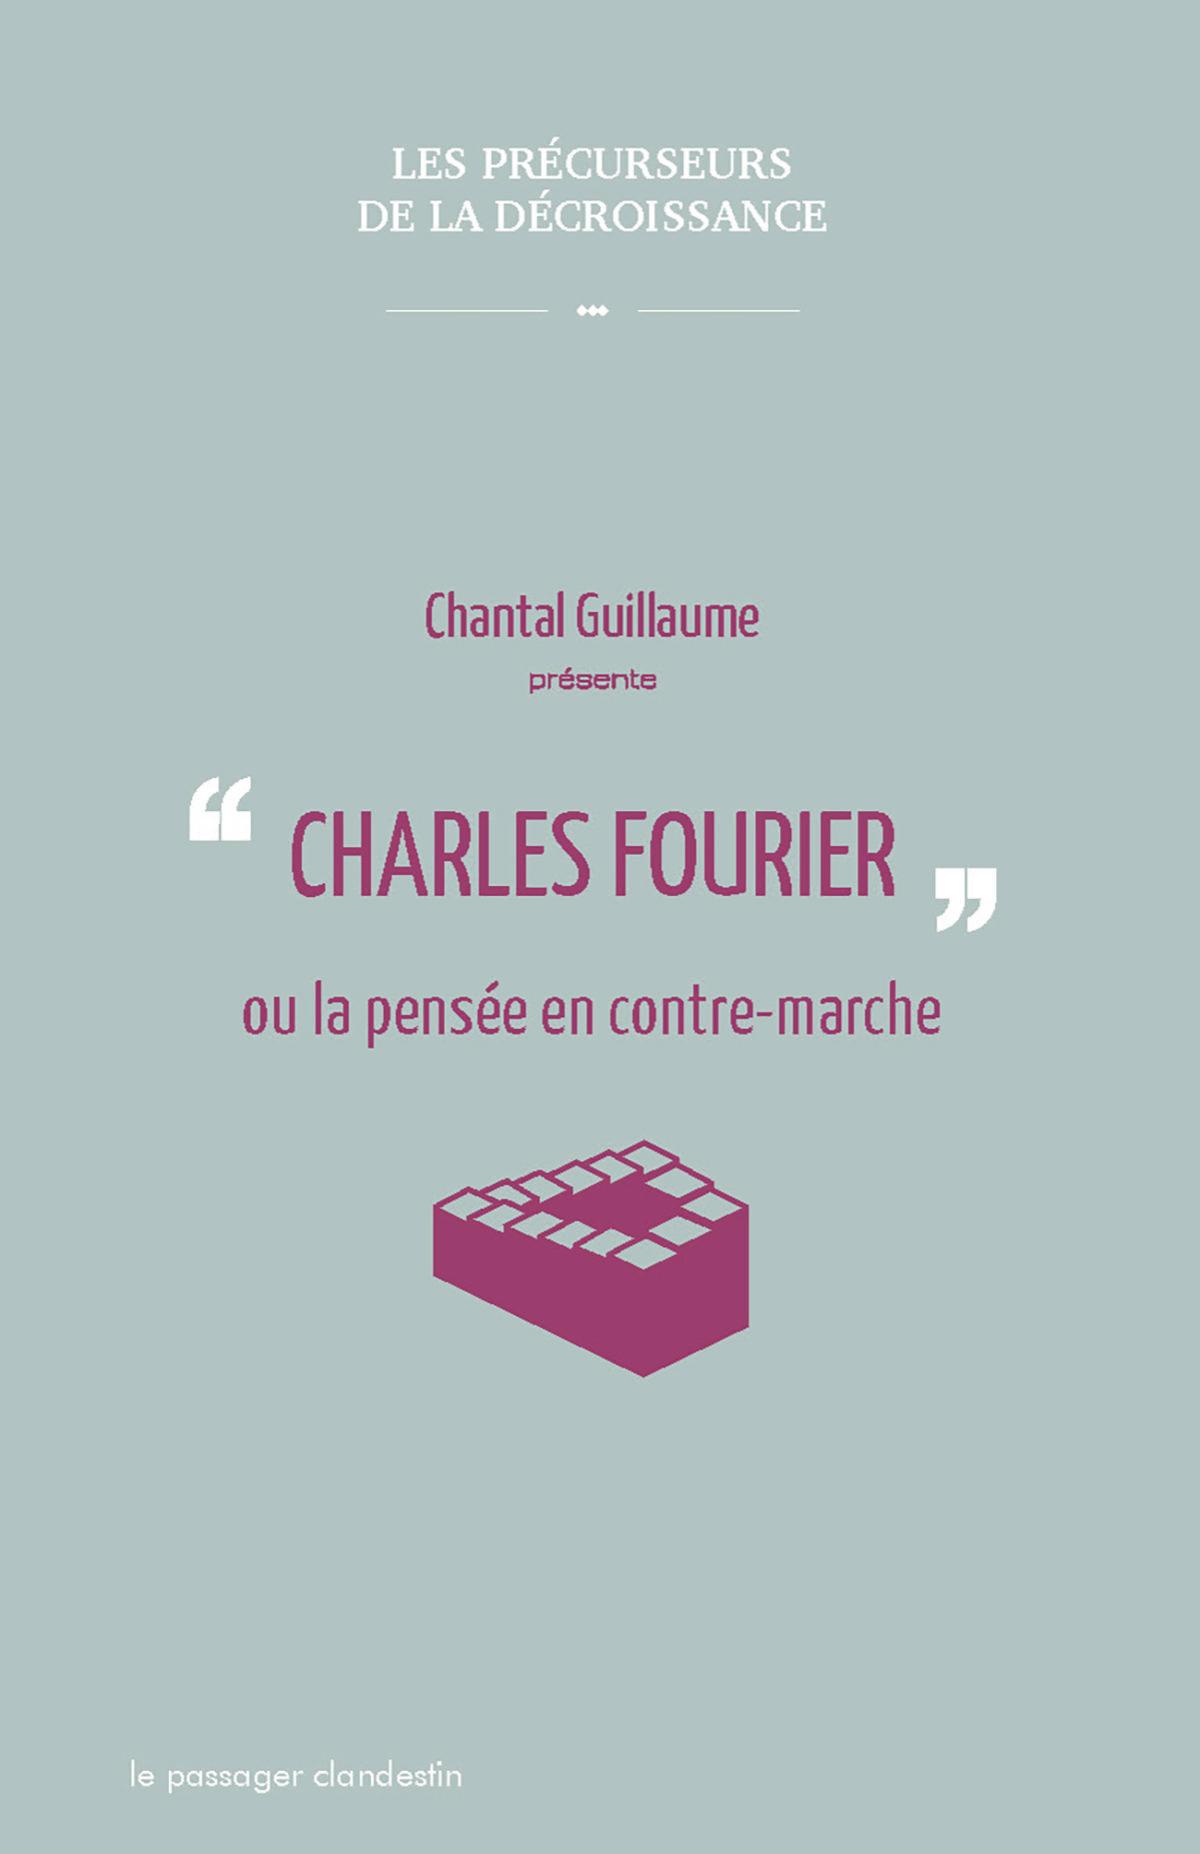 Charles Fourier ou la pensée en contre-marche